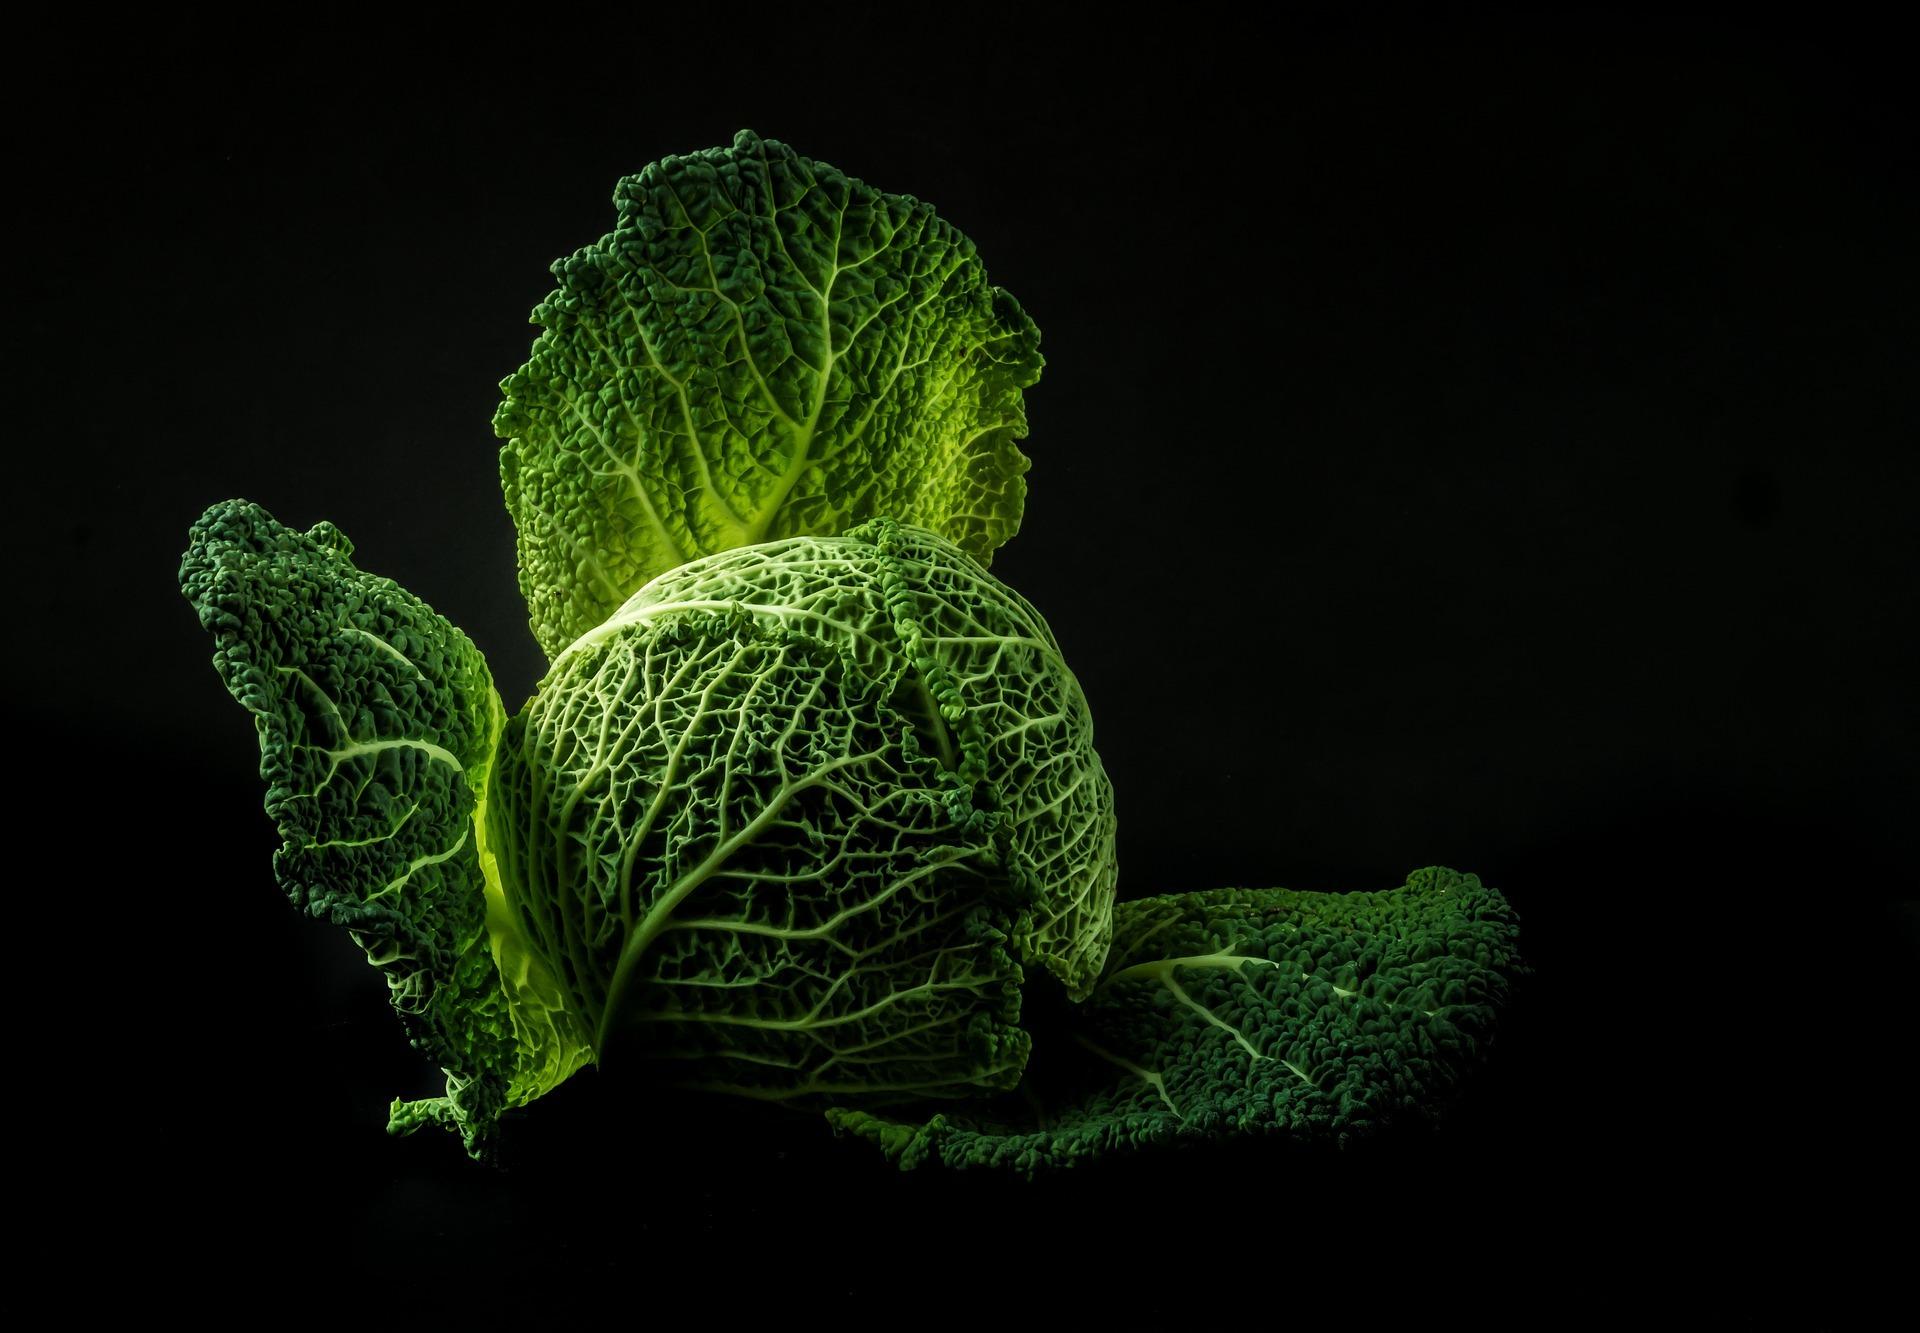 Fällt das Krebsrisiko bei Vegetariern geringer aus? auf ratgeber-blogger.de